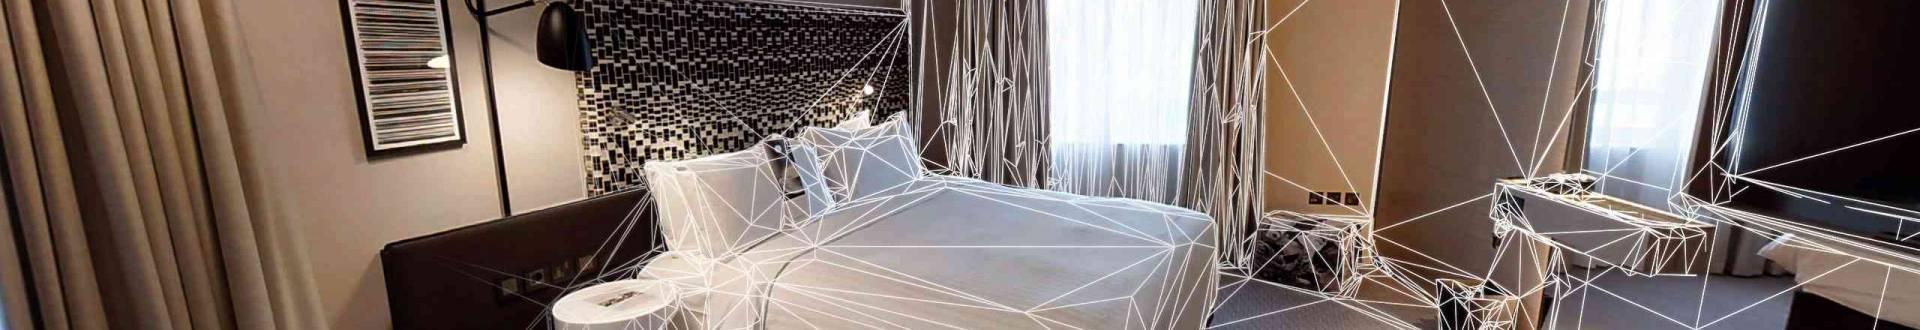 Aurélien Nogent (mabellevisite) | Bordeaux France | 360 3D VR tours